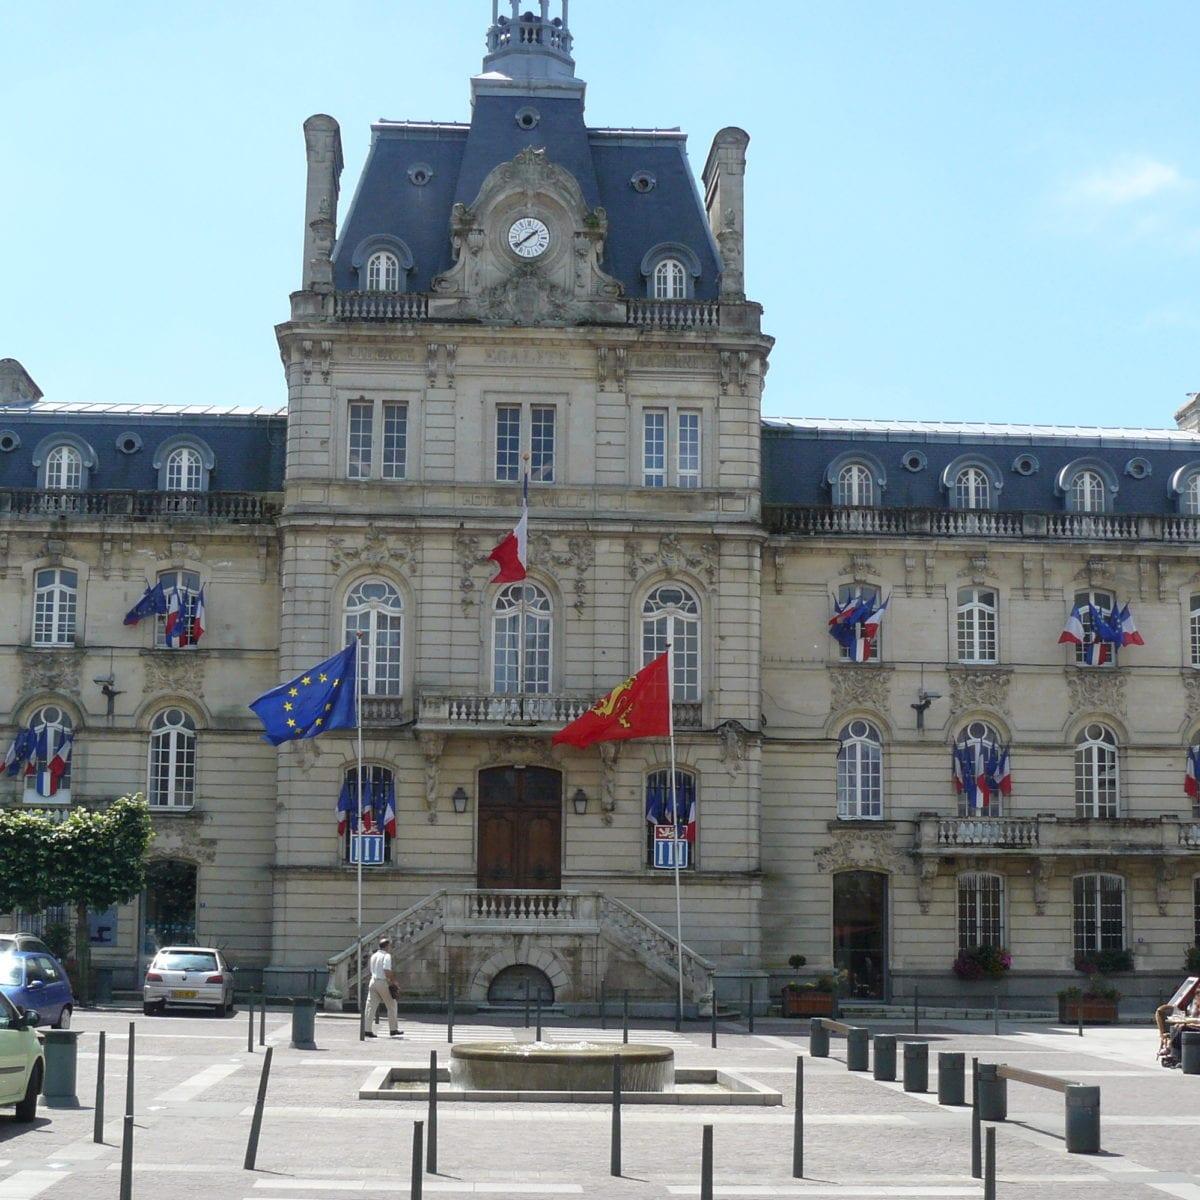 Location de salle - Hôtel de ville